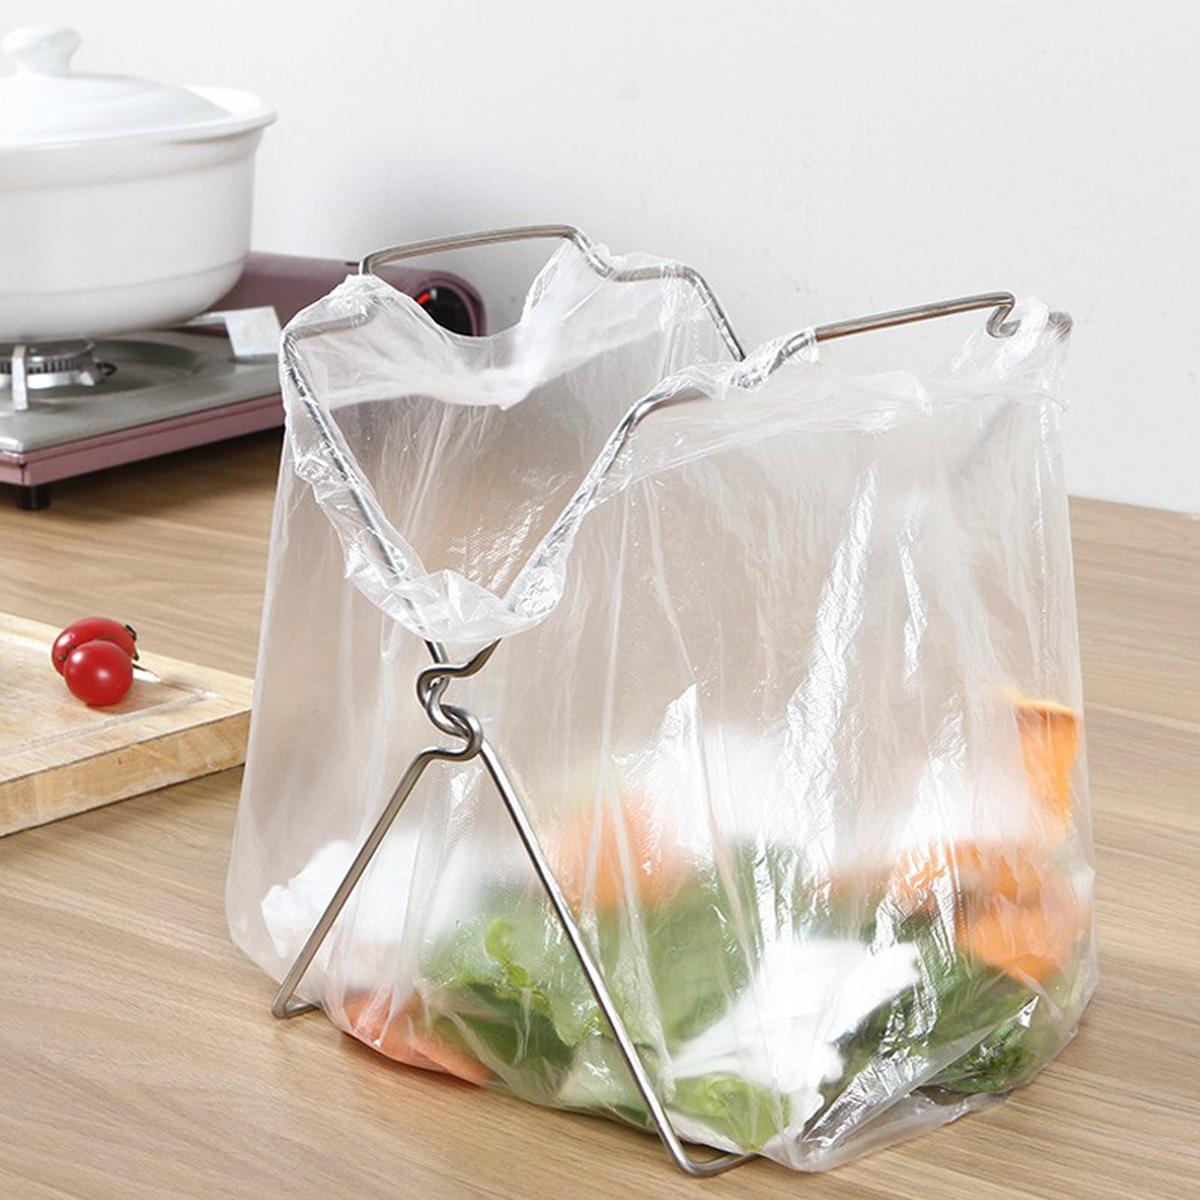 Fix Bag Handles